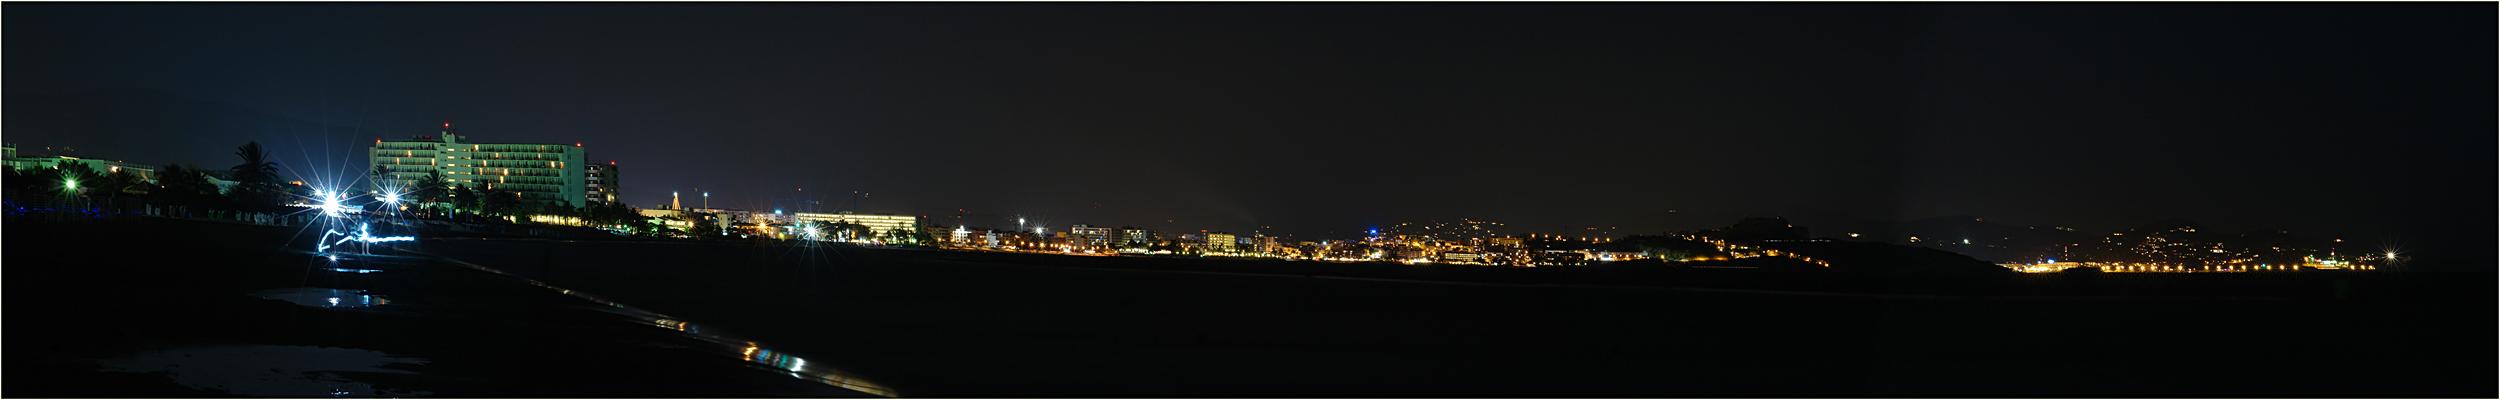 __ en la noche __